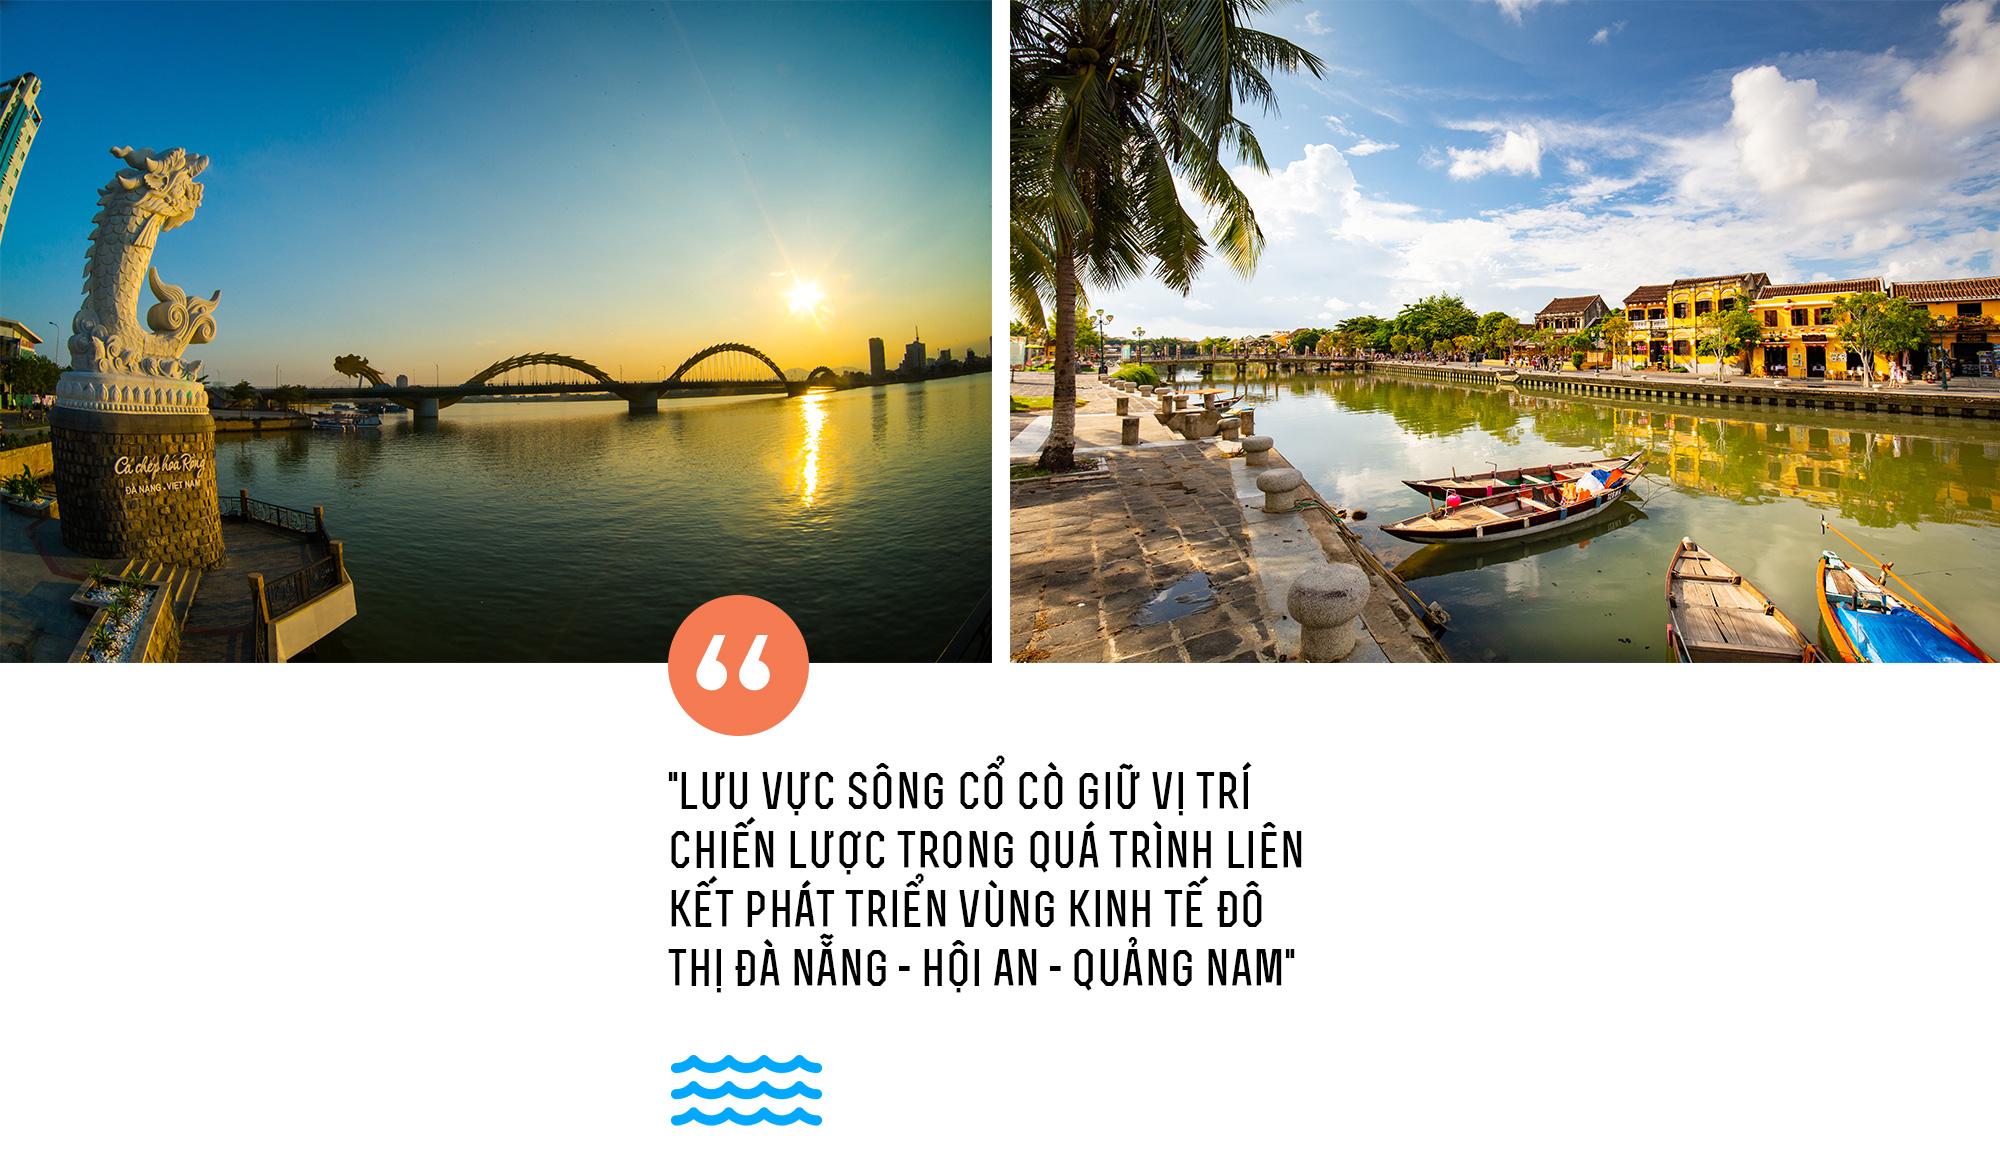 Định hình chuỗi đô thị mới bên sông Cổ Cò: bài toán chiến lược phát triển vùng Đà Nẵng - Hội An - Quảng Nam - Ảnh 5.